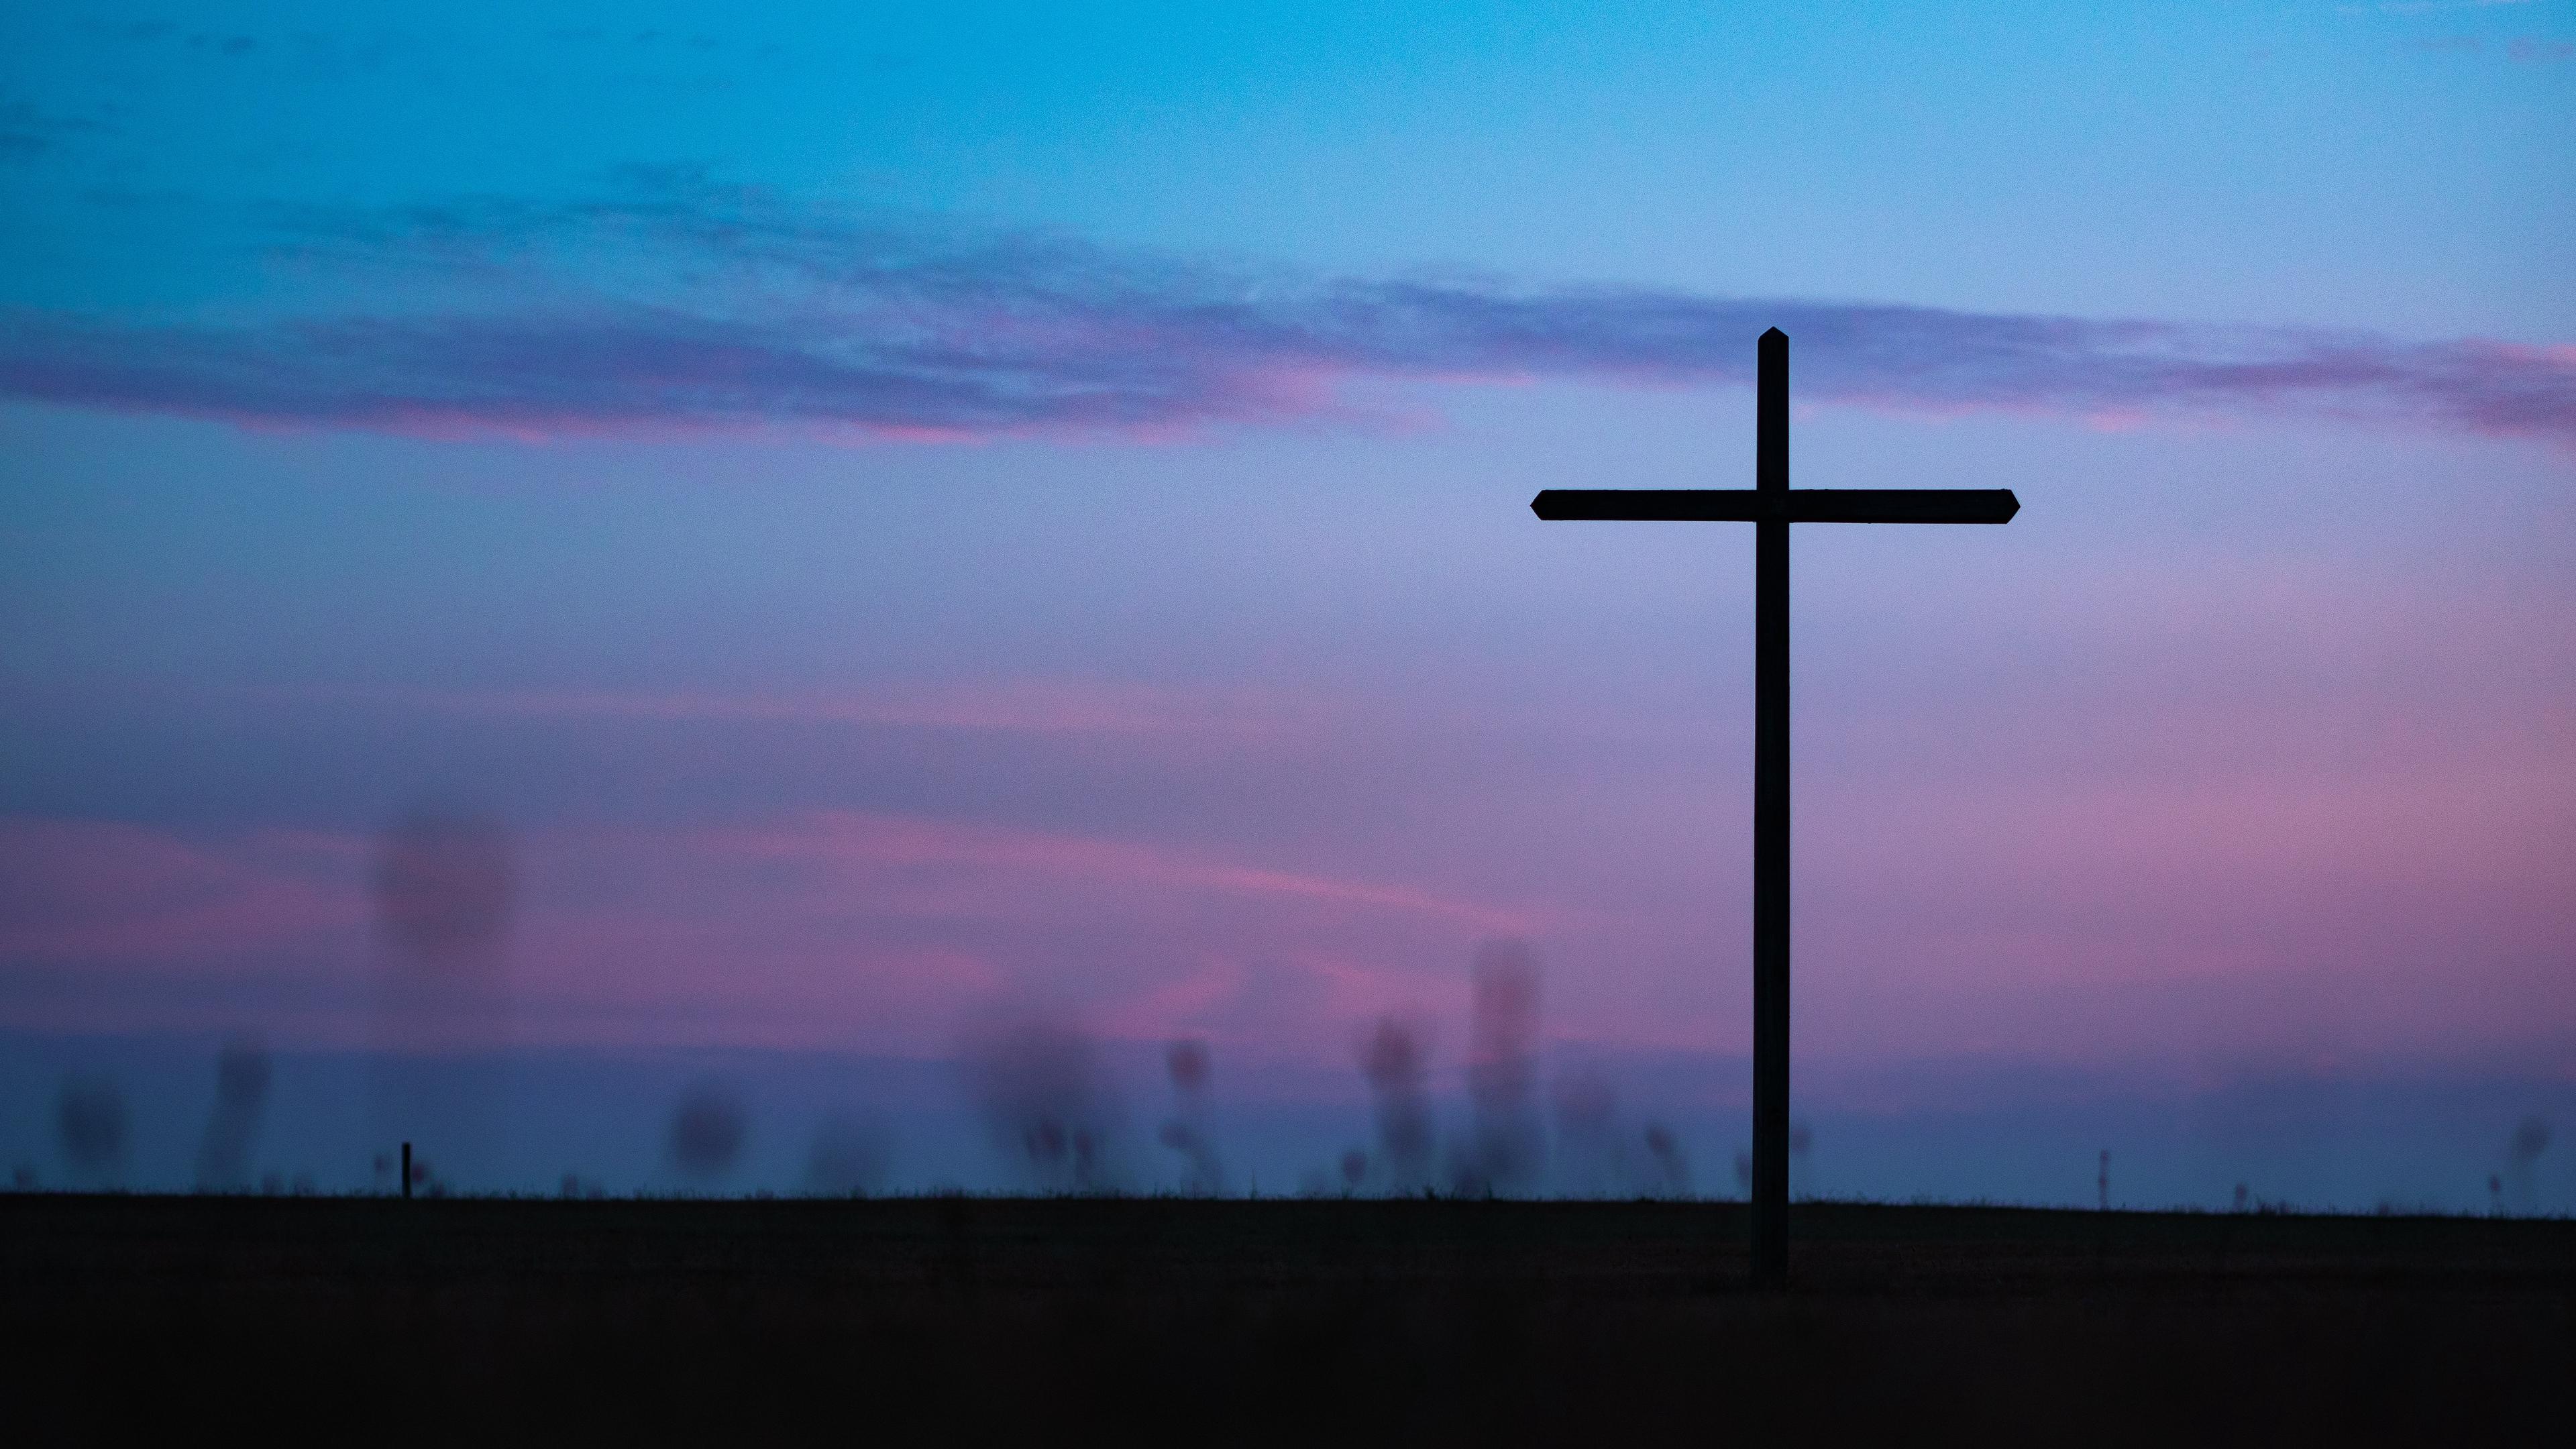 cross faith horizon sunset 4k 1540574880 - cross, faith, horizon, sunset 4k - Horizon, Faith, Cross